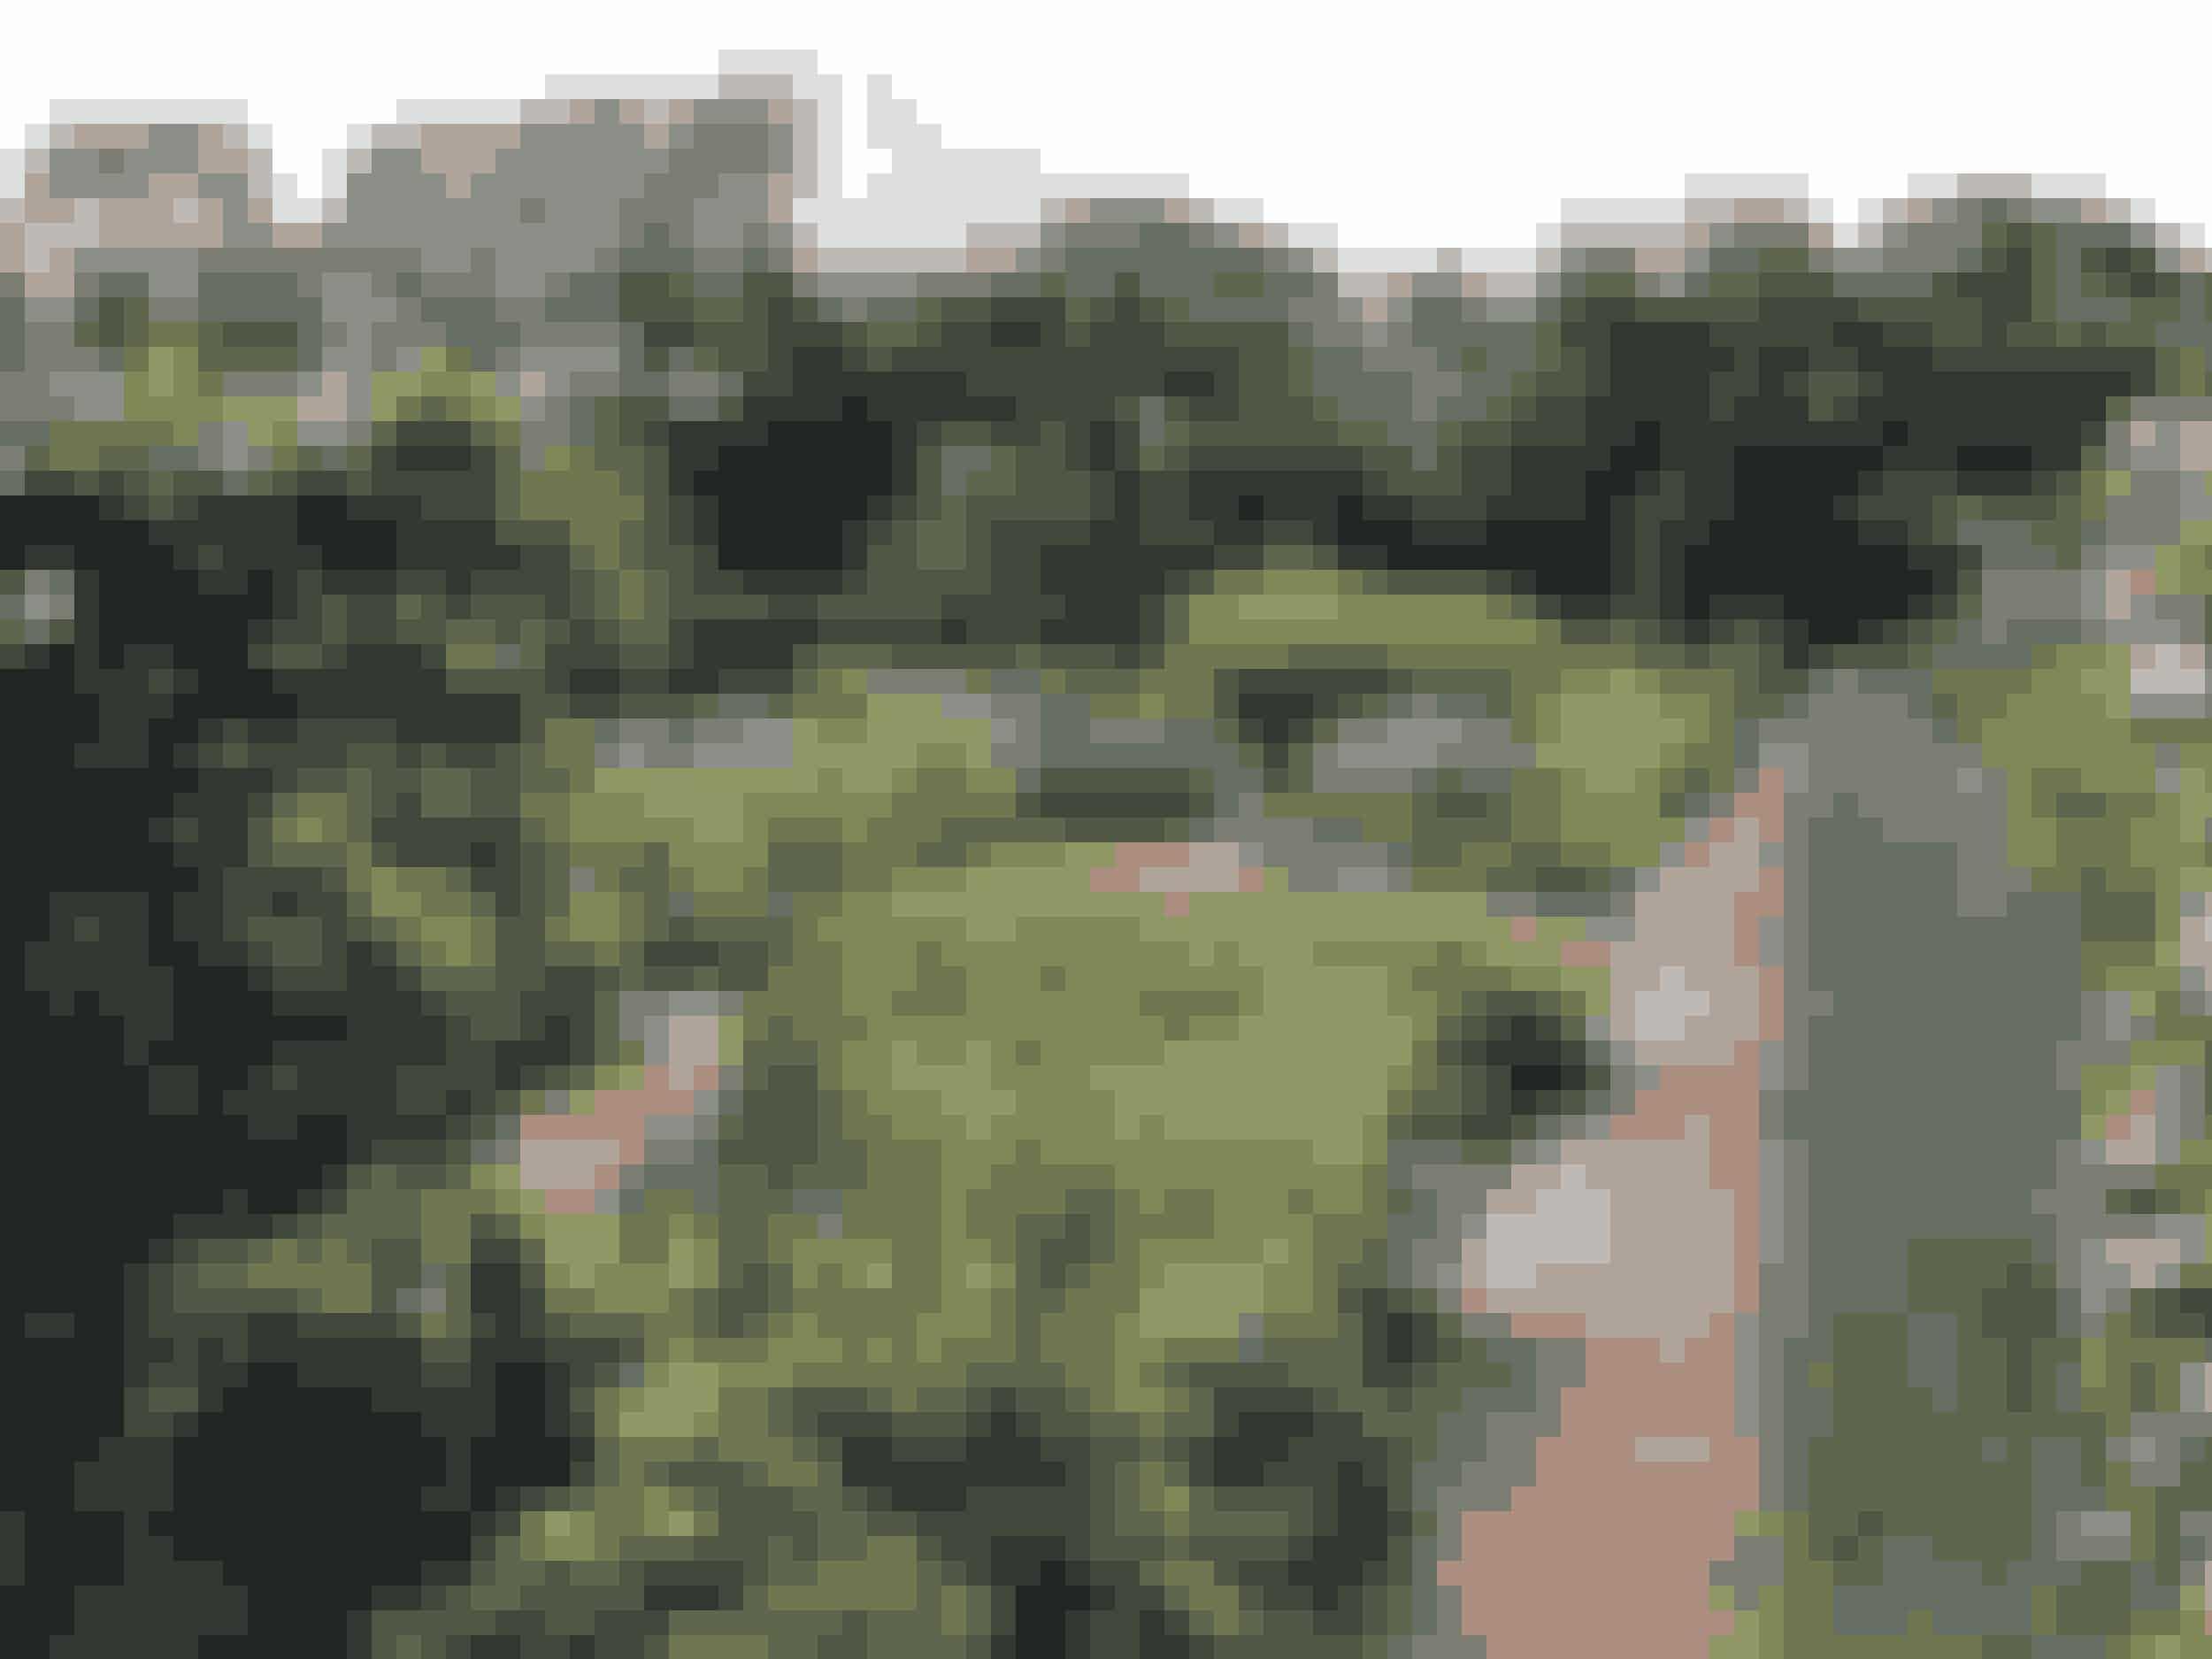 """Spøttrup Borg kender nogle måske fra DR-programmet """"Søren Vesters Have"""", hvor den nordjyske designer besøgte middelalderhaven med de sirlige stisystemer og spiselige lægeurter.Spøttrup Borg i Salling, Nordjylland, er en af Danmarks bedst bevarede 1500-talsborge, og i de nærmeste omgivelser finder man Spøttrup Sø med et rigt dyre- og fugleliv og en smuk park, som med rosenhave og læge- og krydderurteanlæg bestemt er et besøg værd. Hvert år arrangerer Spøttrup Borg et væld af aktiviteter, fra musik og udstillinger til teater og markedsdage, og man kan også komme på rundvisning på borgen.Entréen koster 80 kroner for voksne, og børn op til 17 år er gratis. Borgen og haverne er åbne klokken 11-16 i oktober, og mandag er der lukket, undtagen i uge 42. Hunde i snor må medtages i parken, men ikke ind på borgen."""